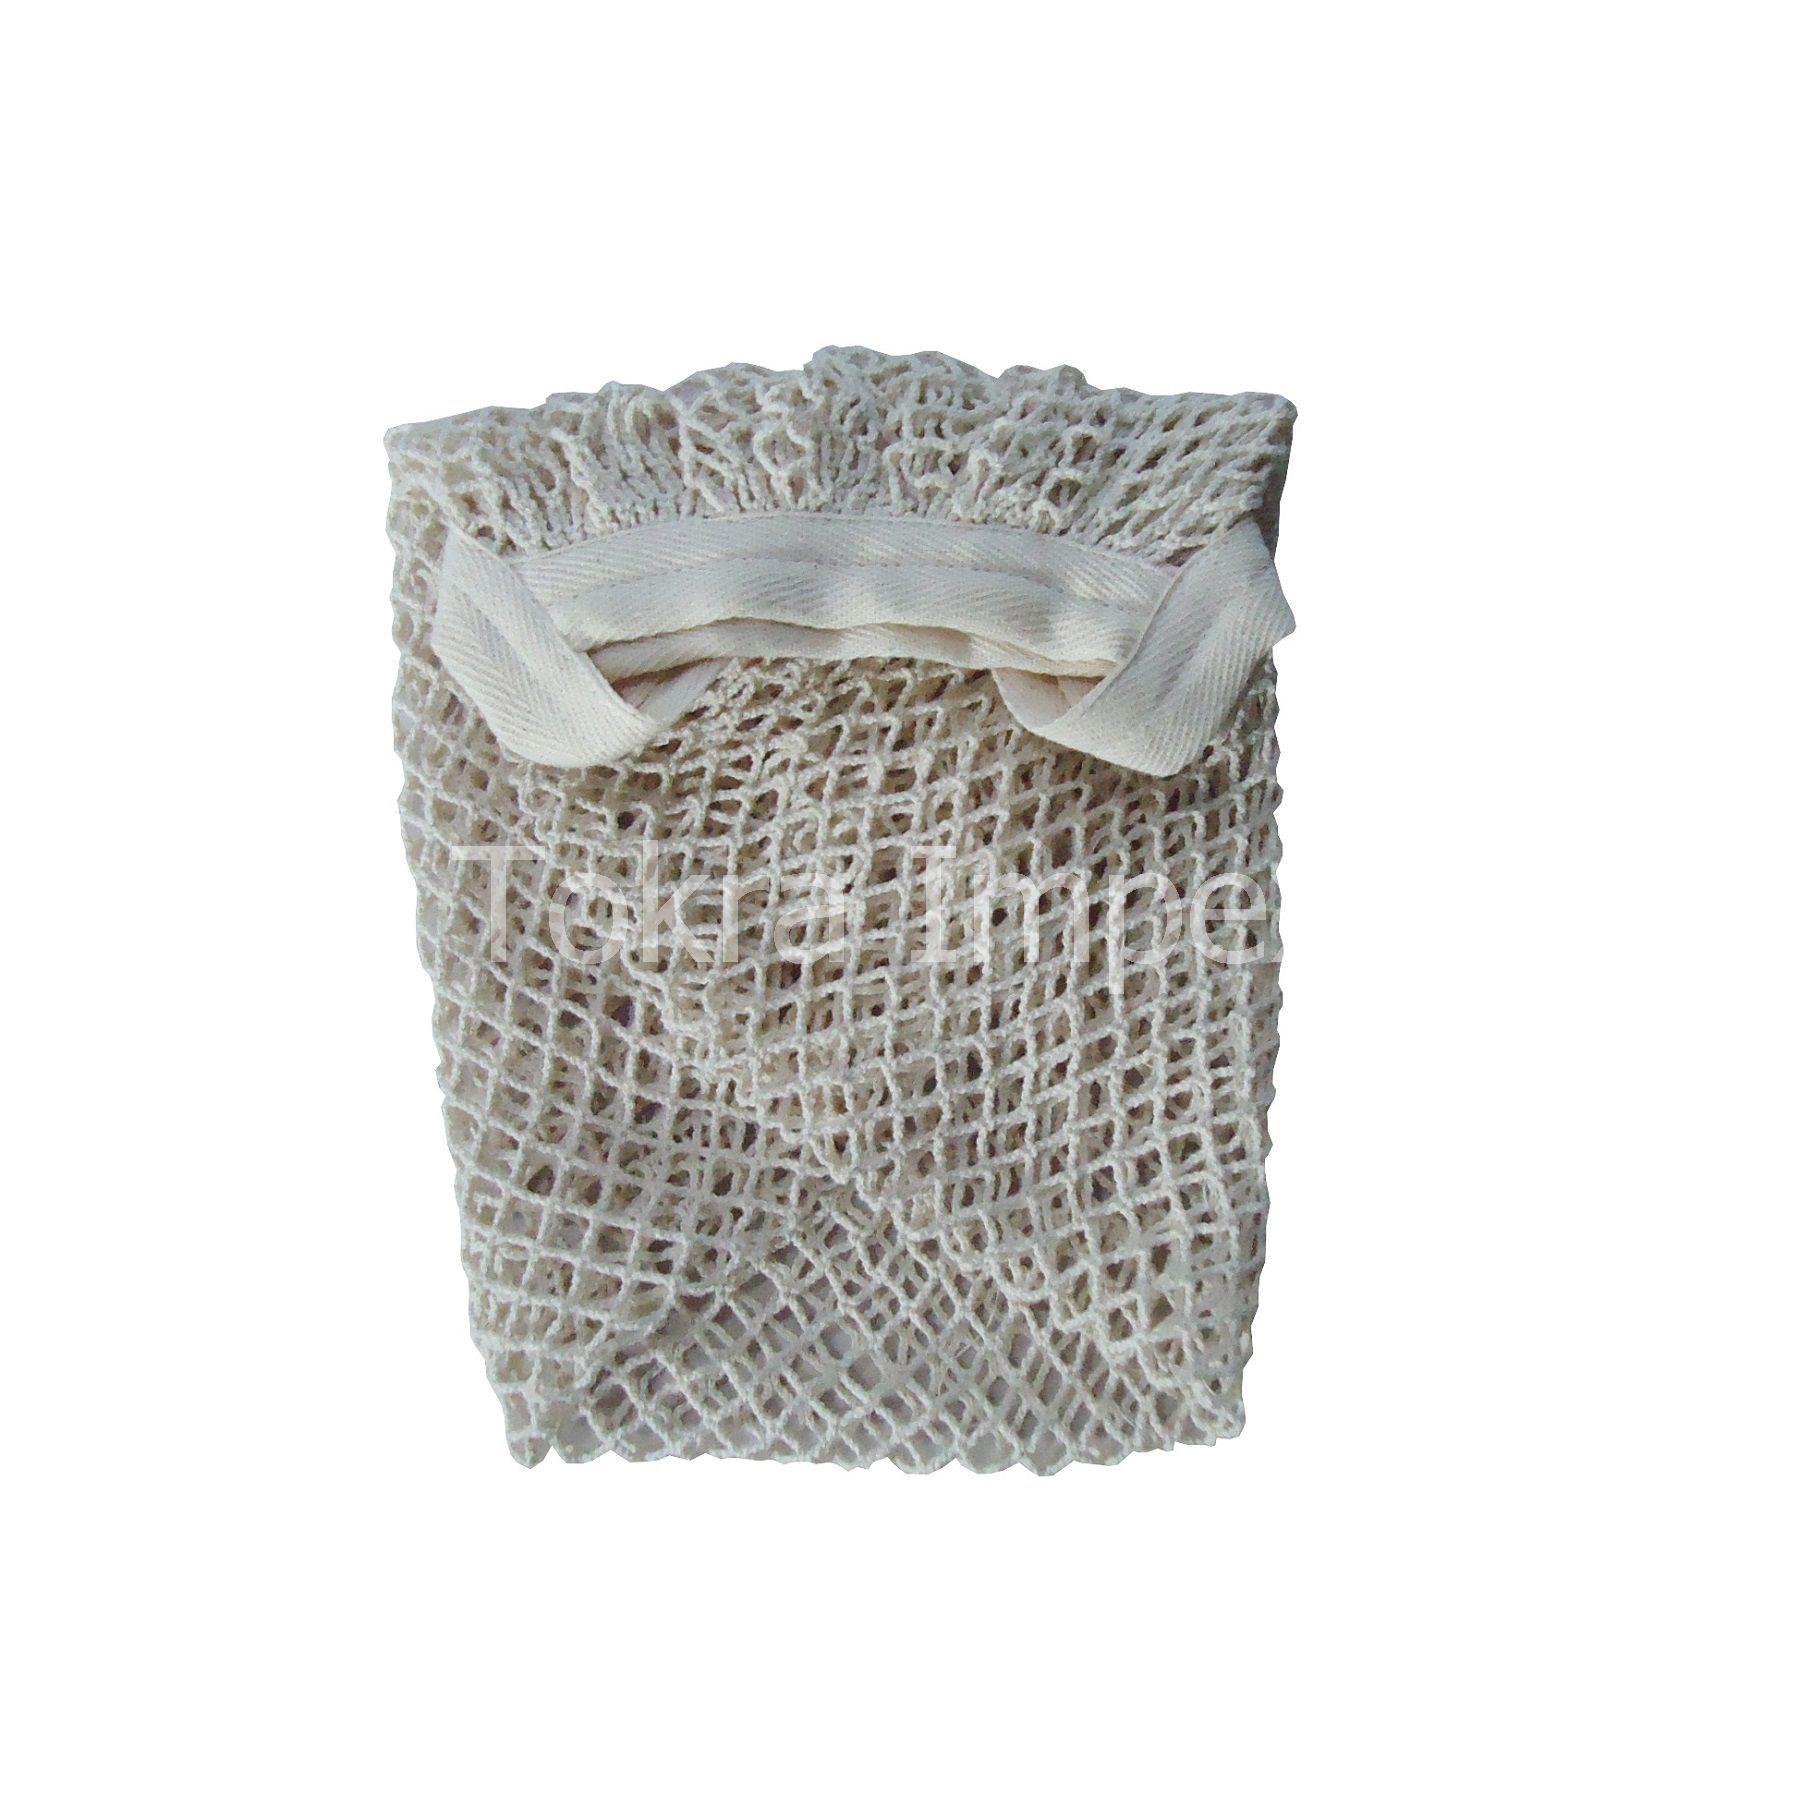 Cotton Mesh Shopping Bags